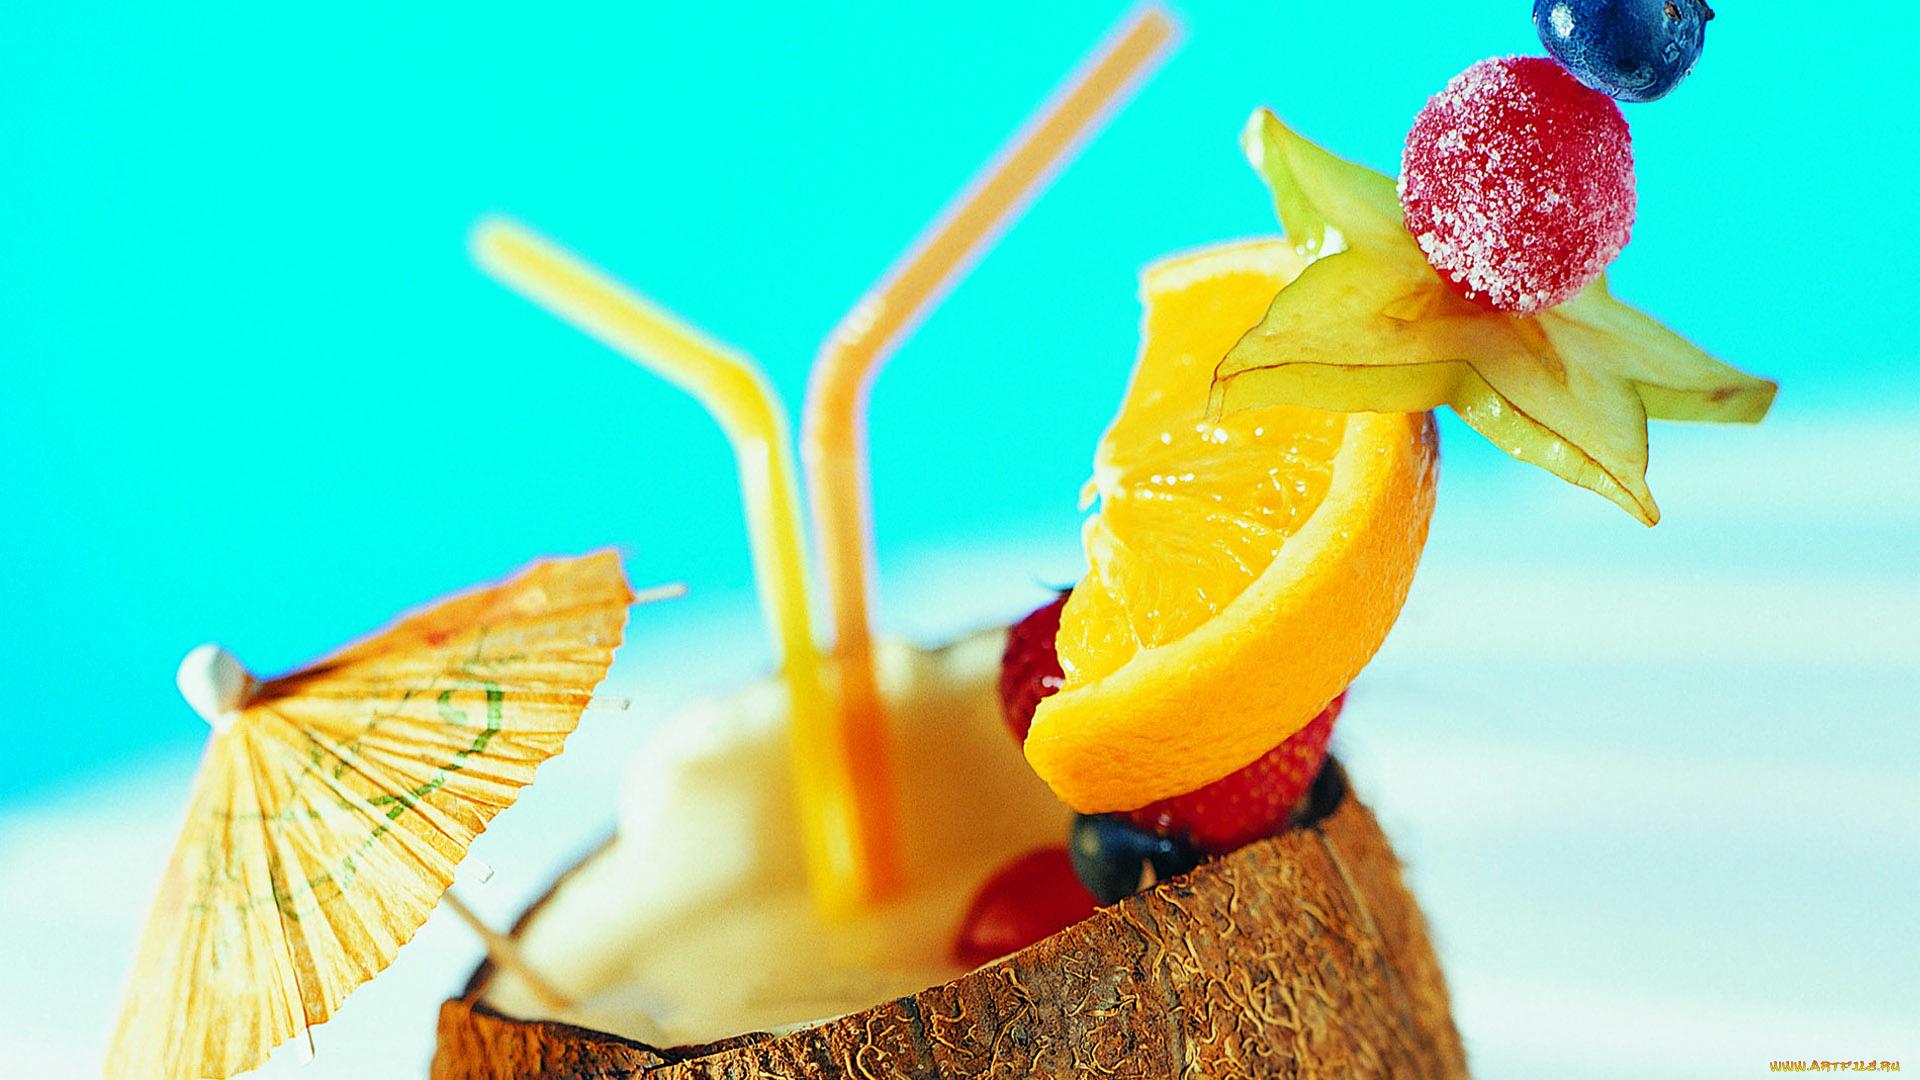 еда сок апельсины клубника кокос коктейль загрузить